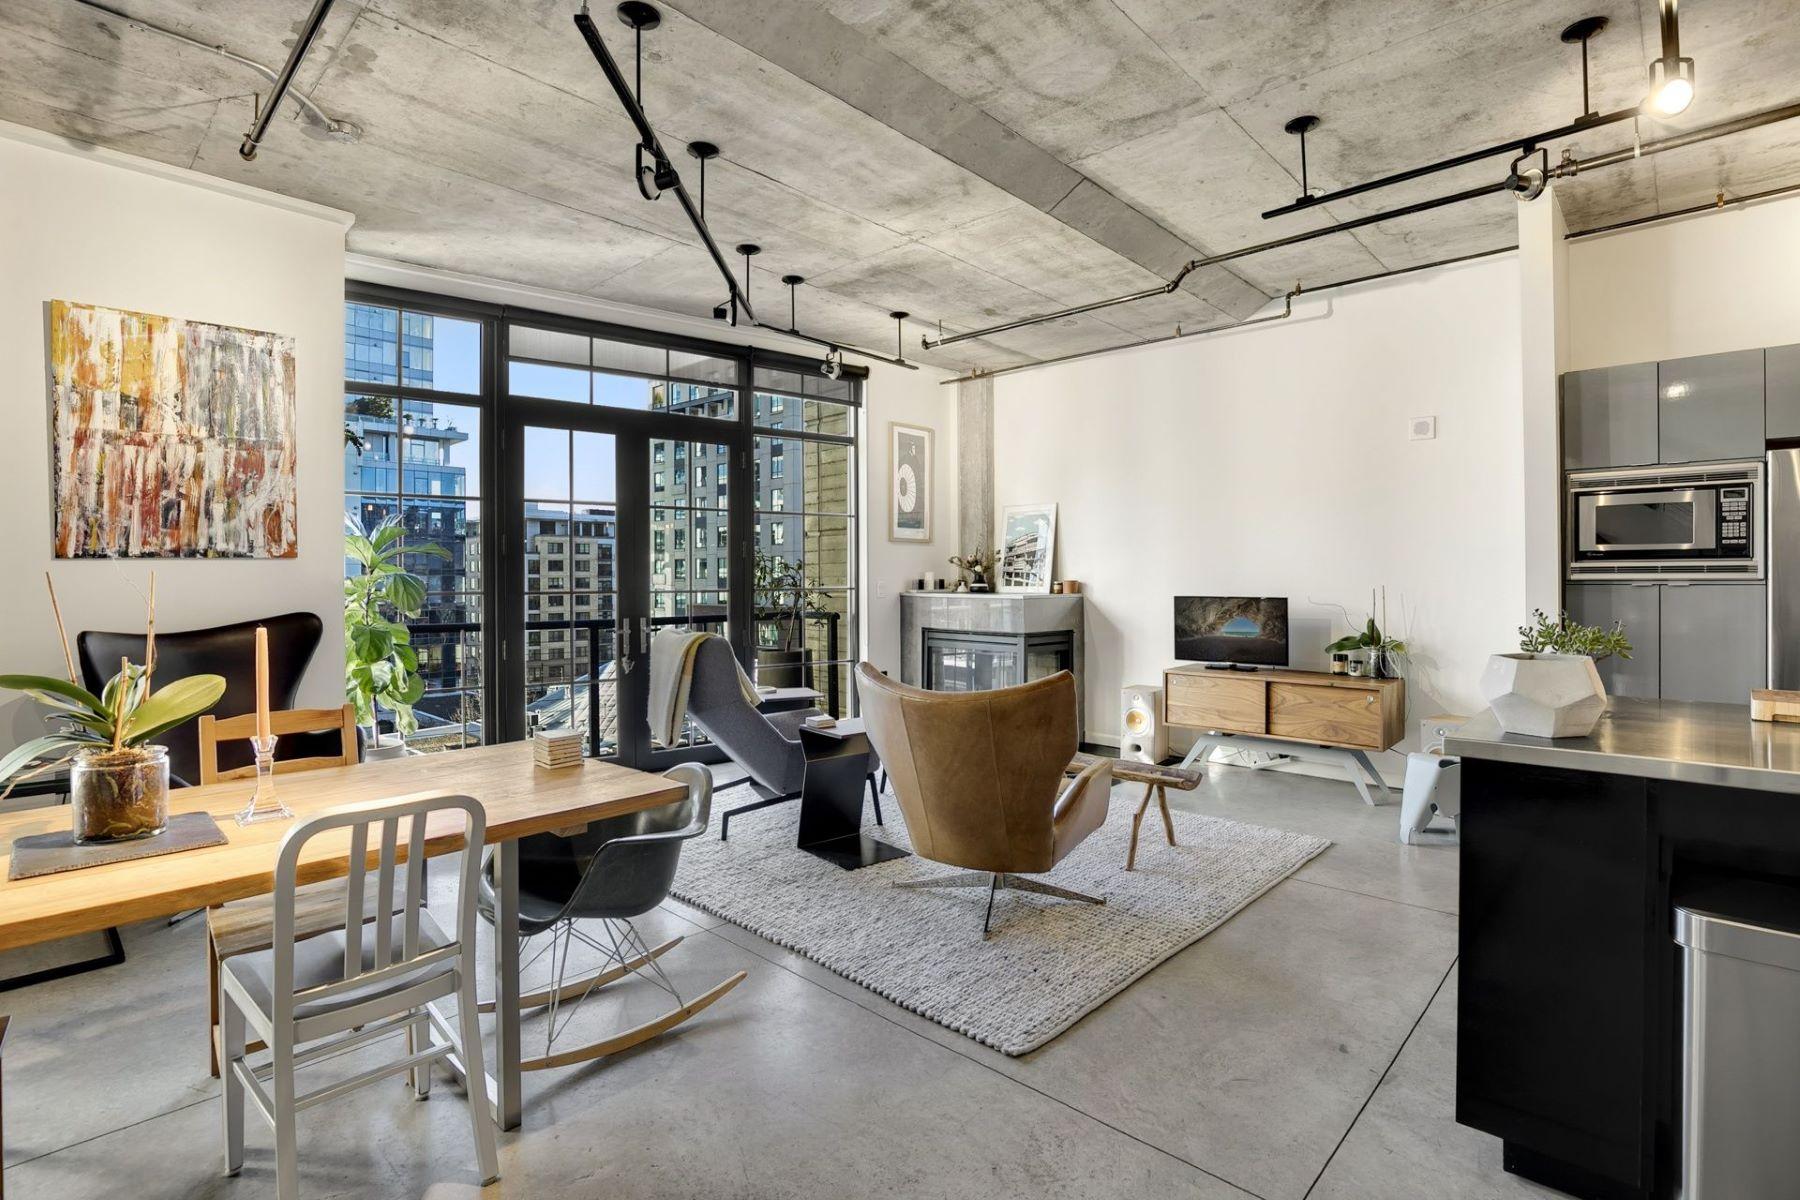 Condominiums για την Πώληση στο 1030 NW 12TH AVE 509 Portland, OR 97209 Portland, Ορεγκον 97209 Ηνωμένες Πολιτείες